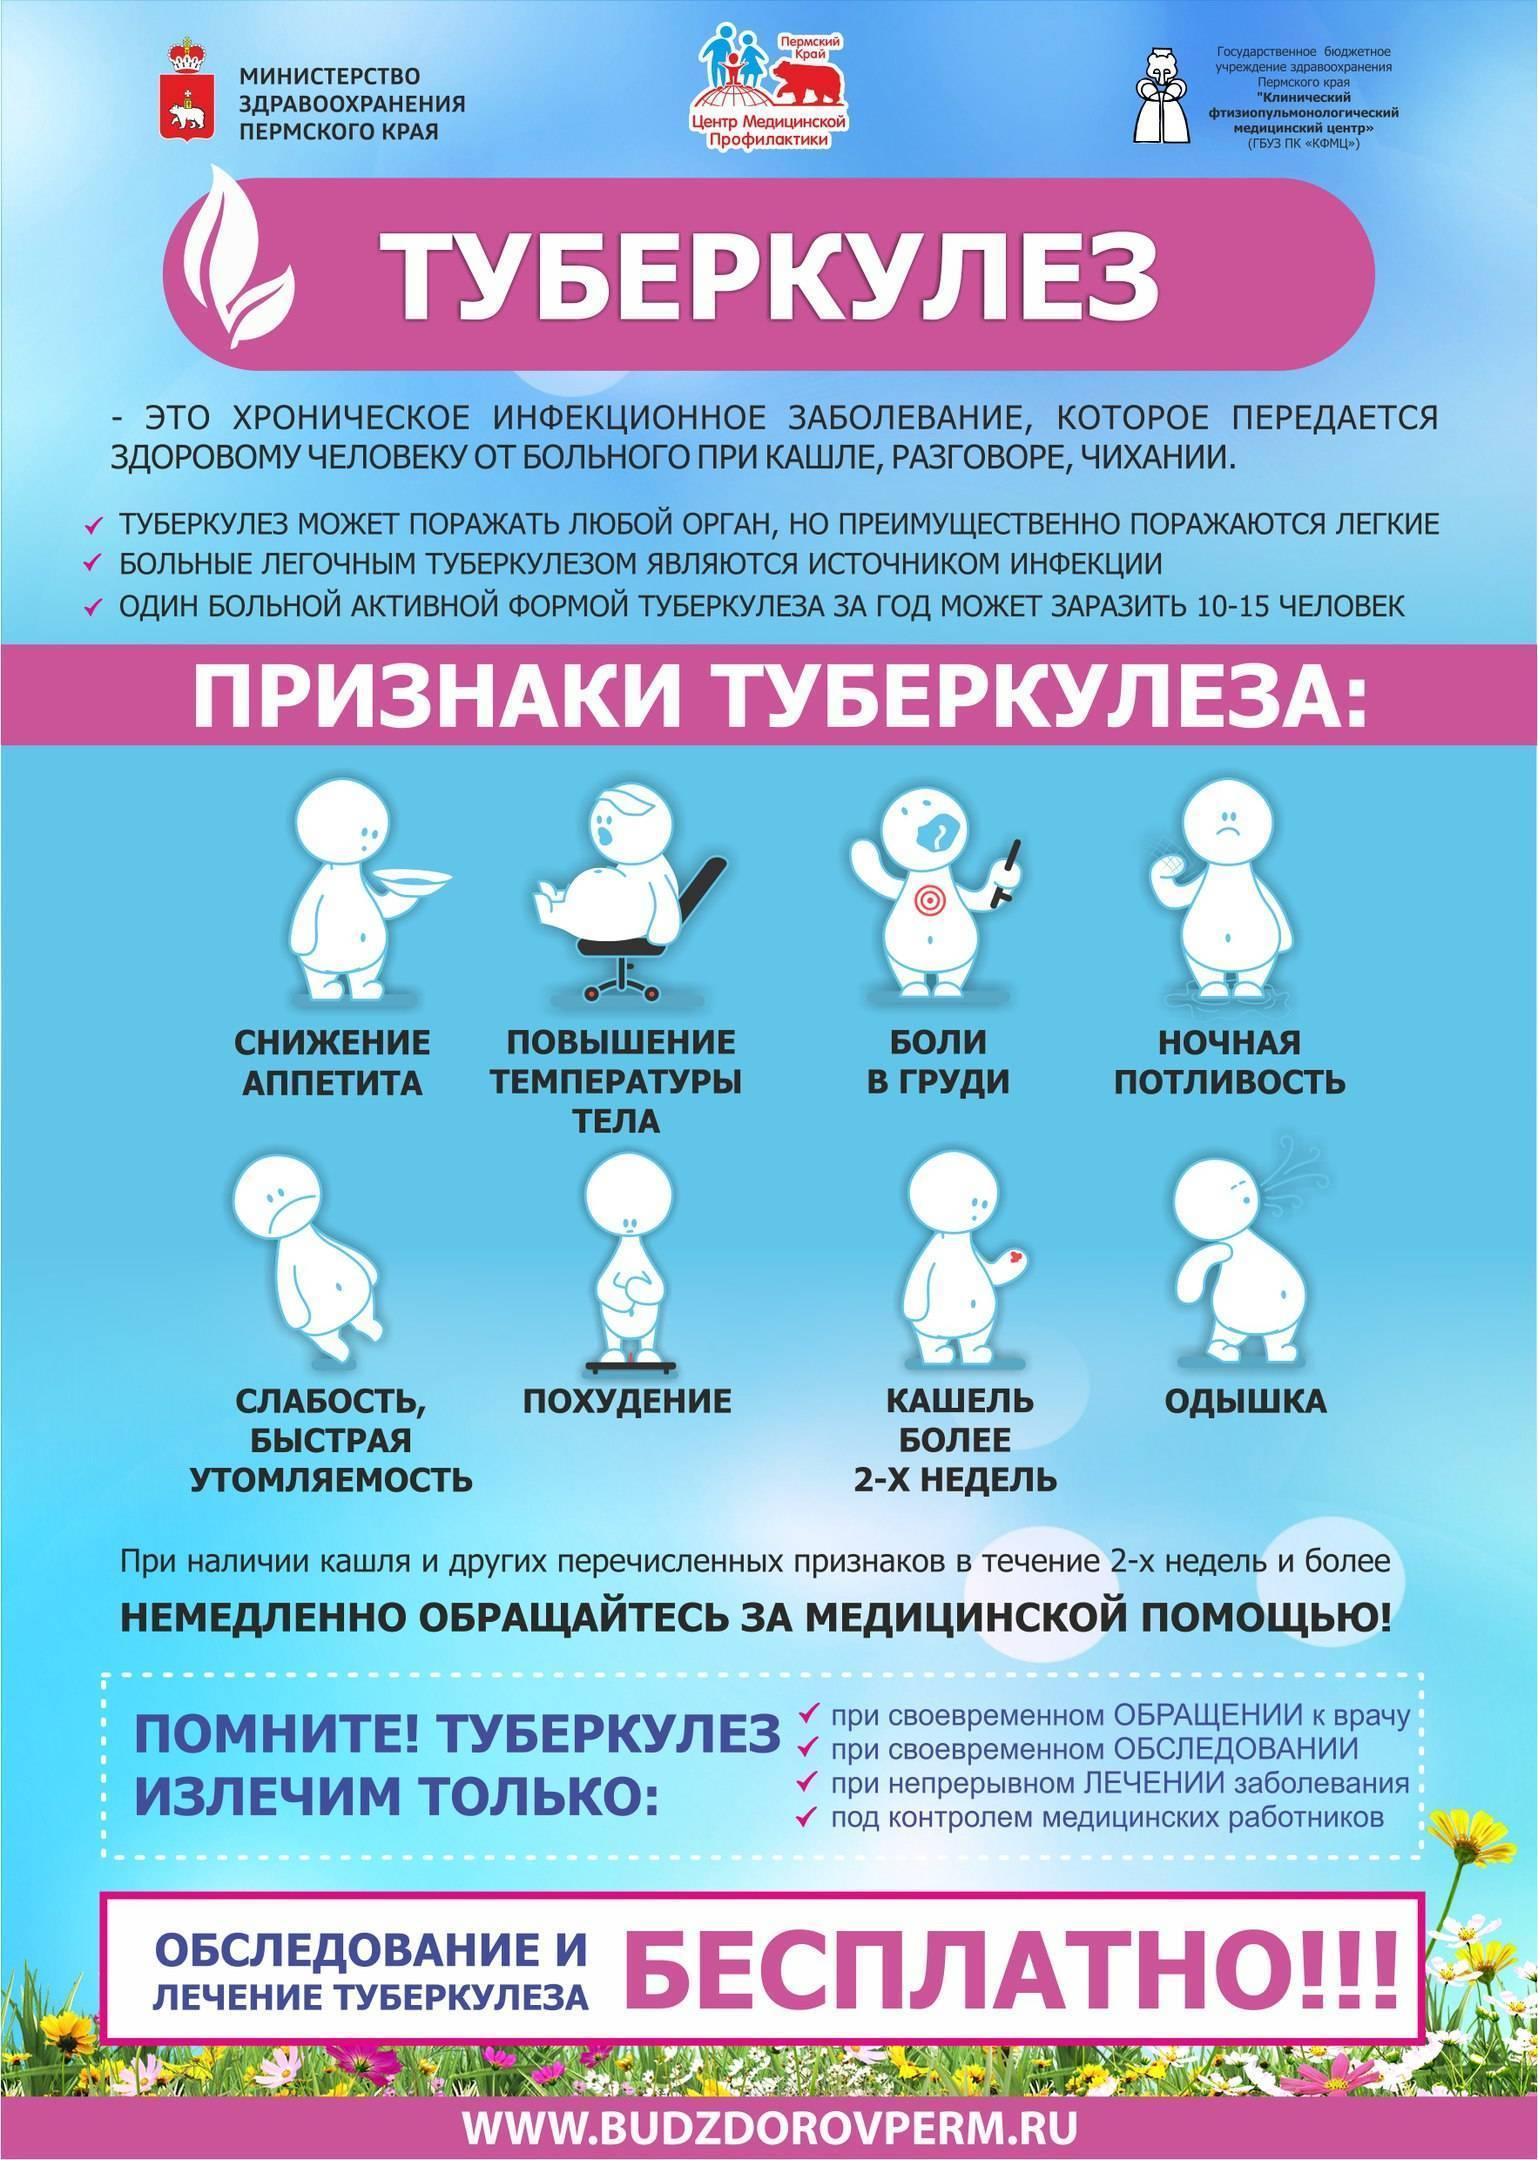 Опасна ли проба манту для детей: нормальные реакции и побочные эффекты прививки